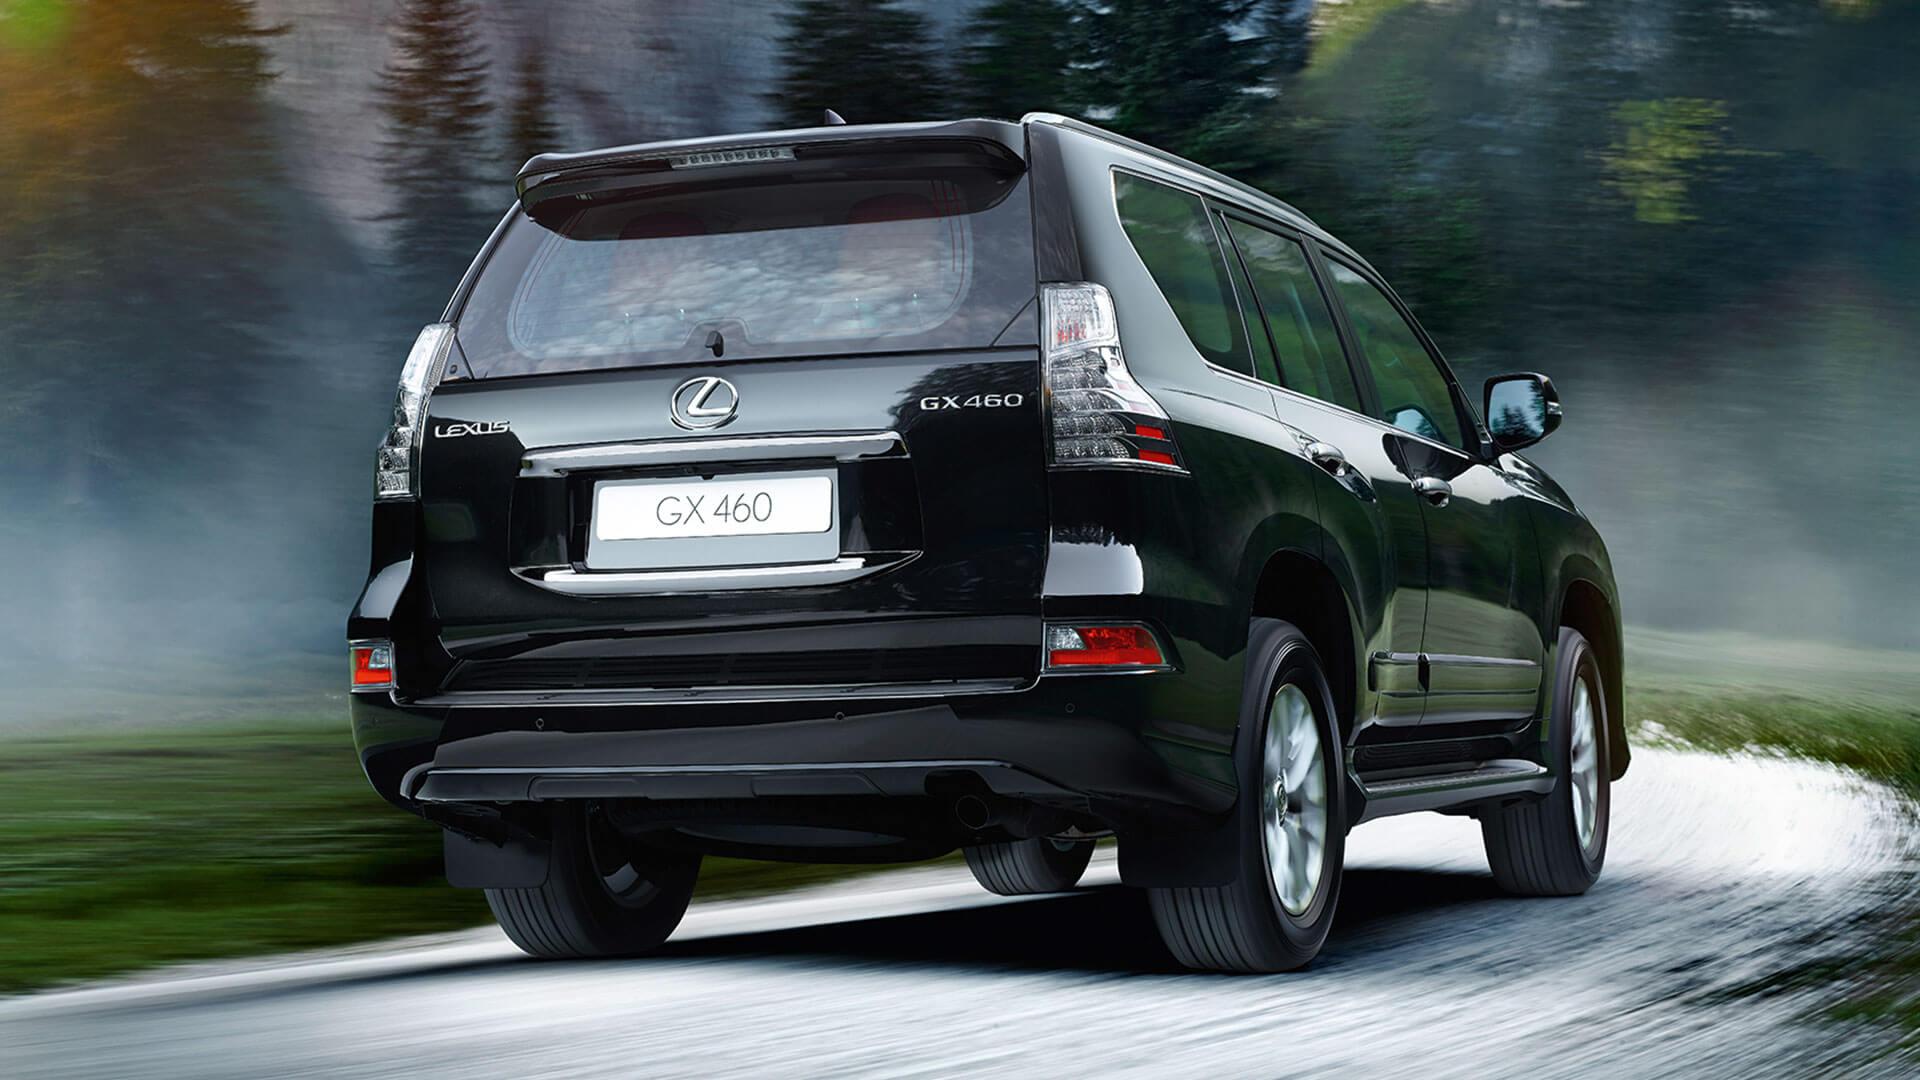 2017 lexus gx 460 features rear glass hatch